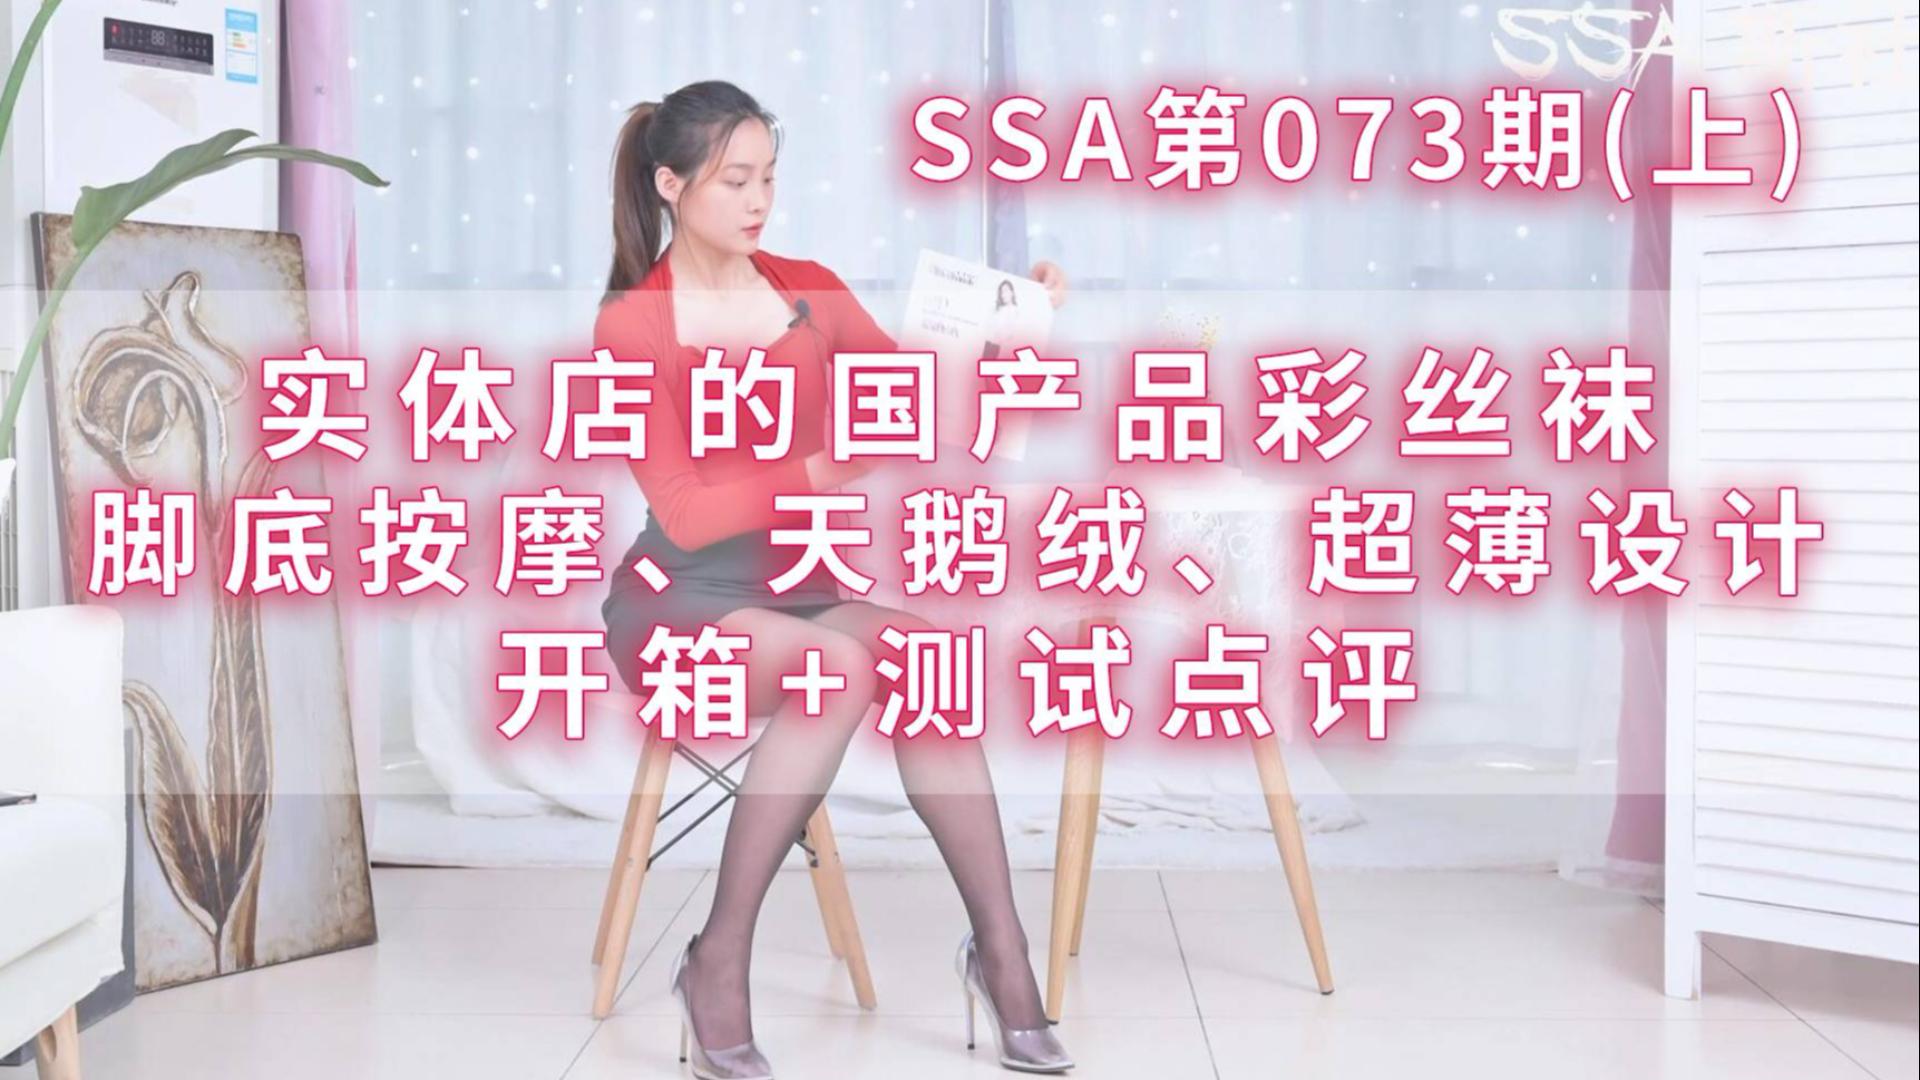 【SSA】模特开箱中国国产品彩连裤袜,细节展示(上)(73期删减版)